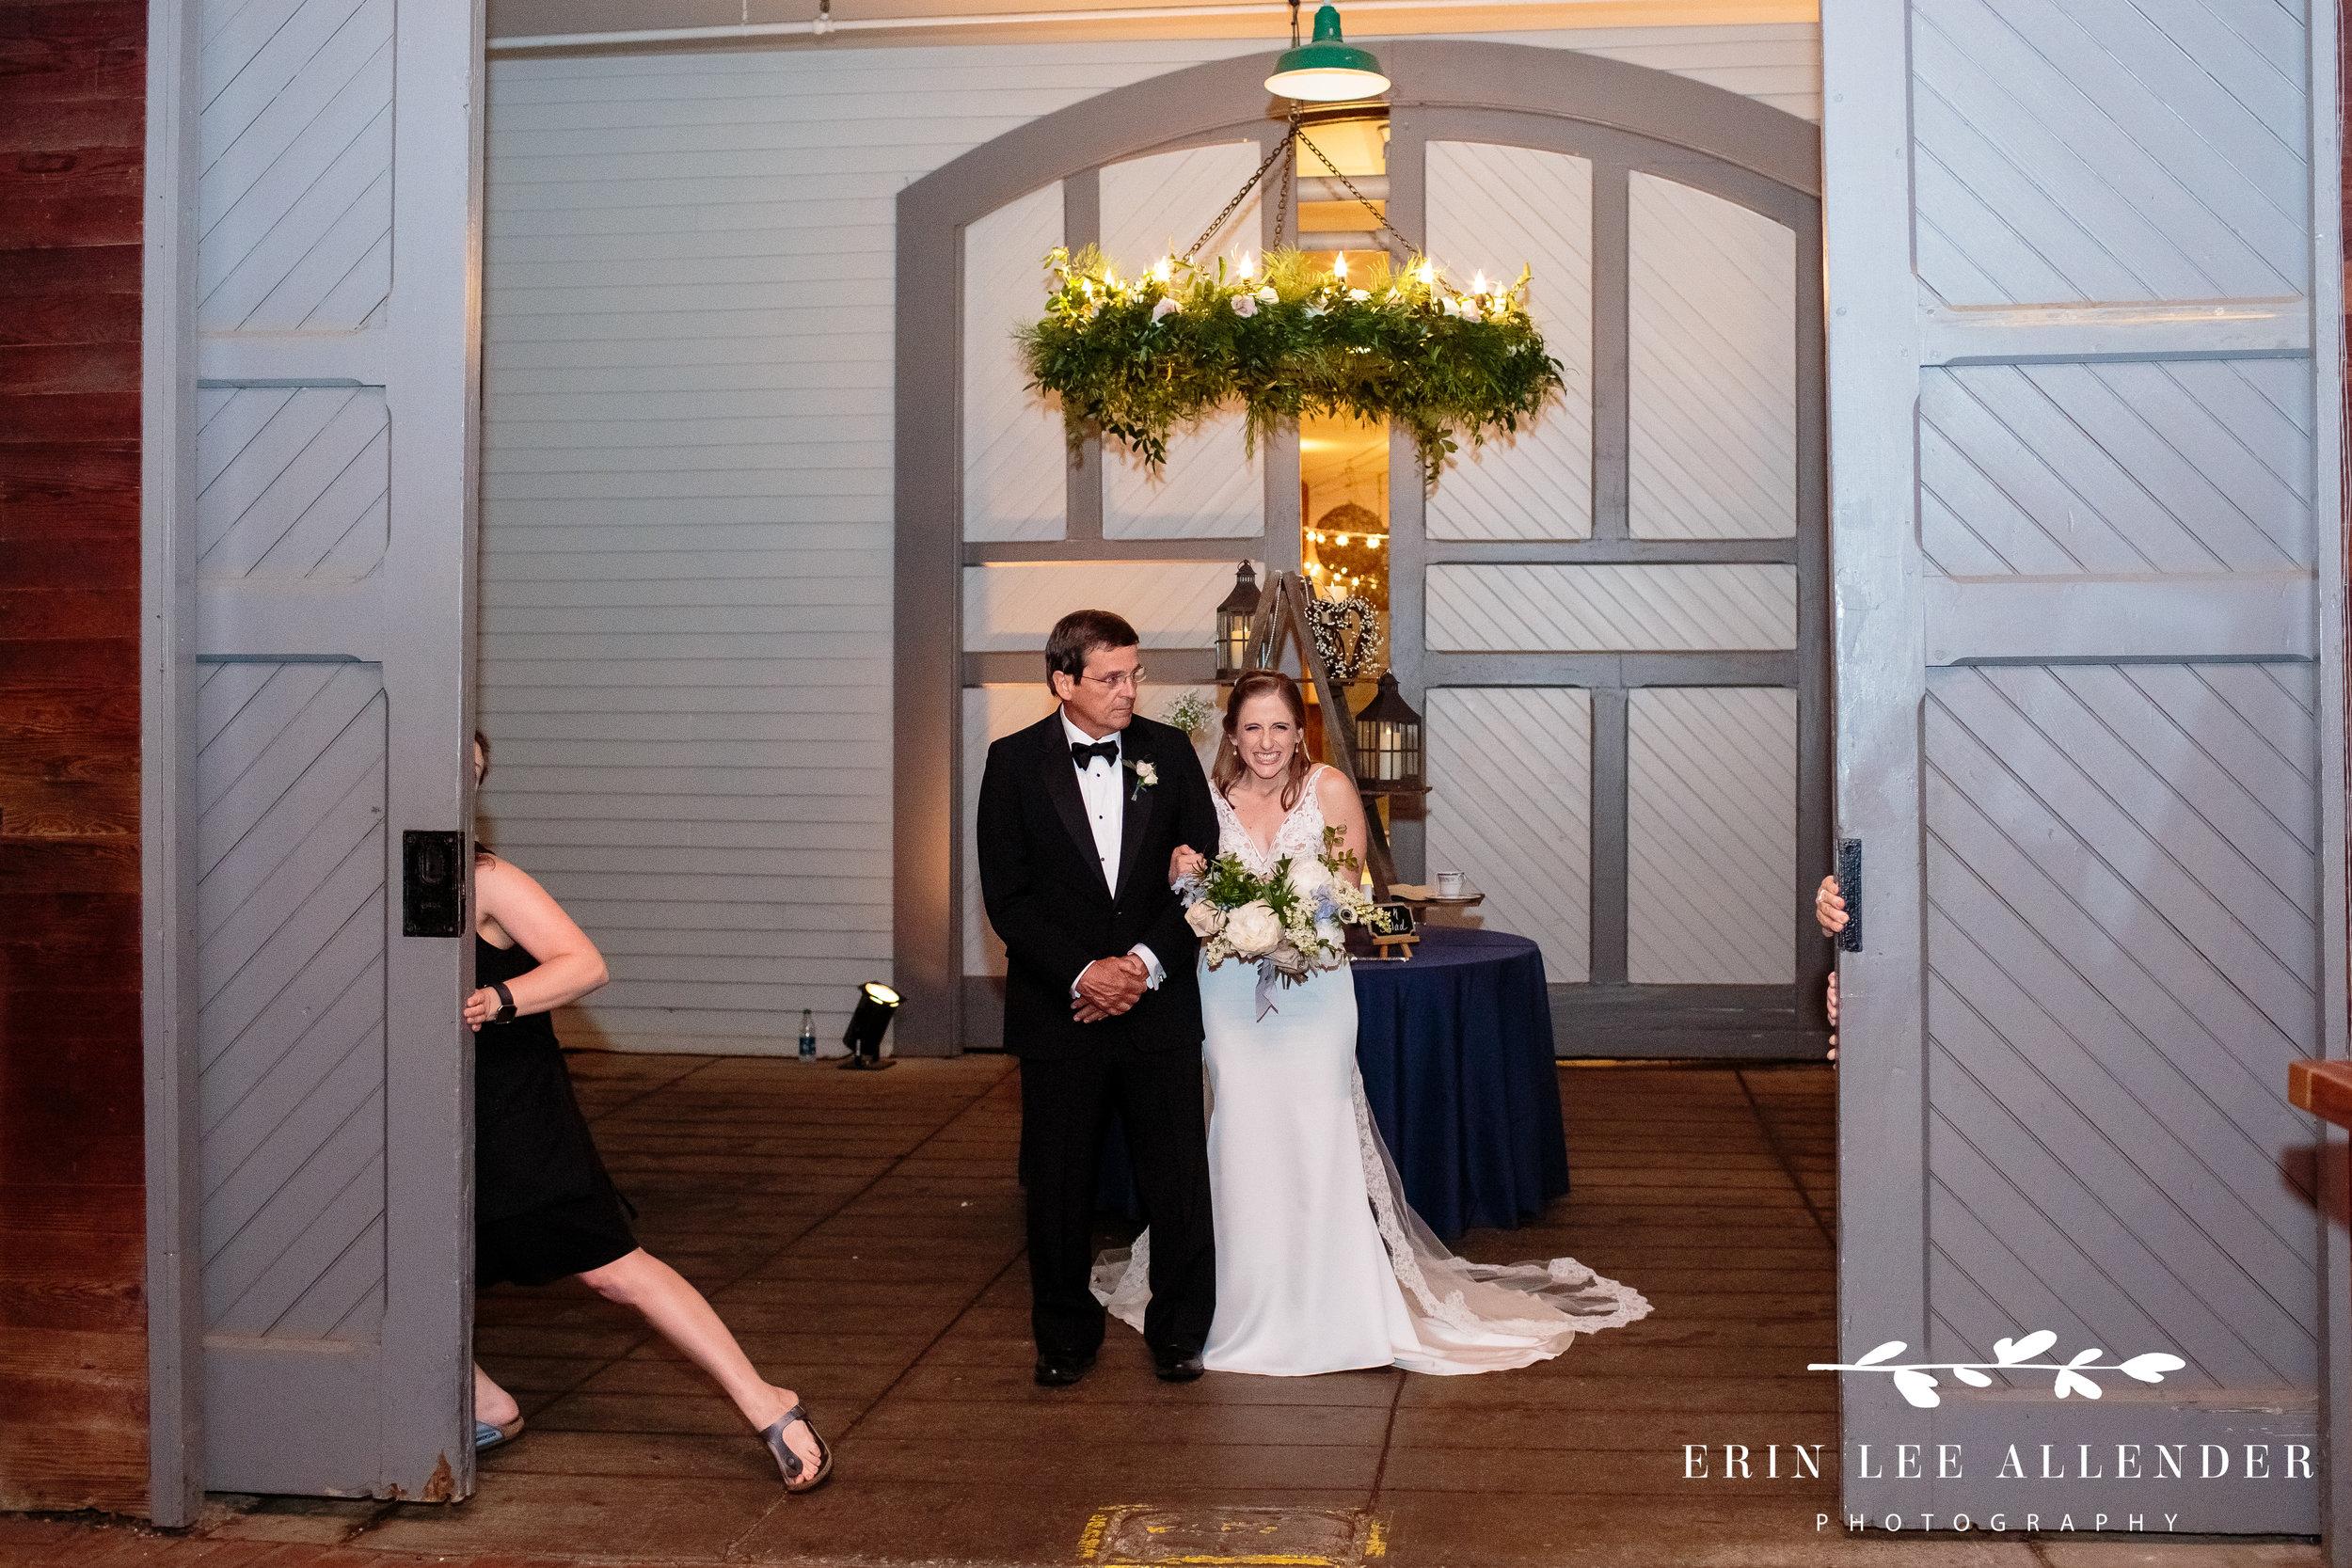 doors-open-ceremony